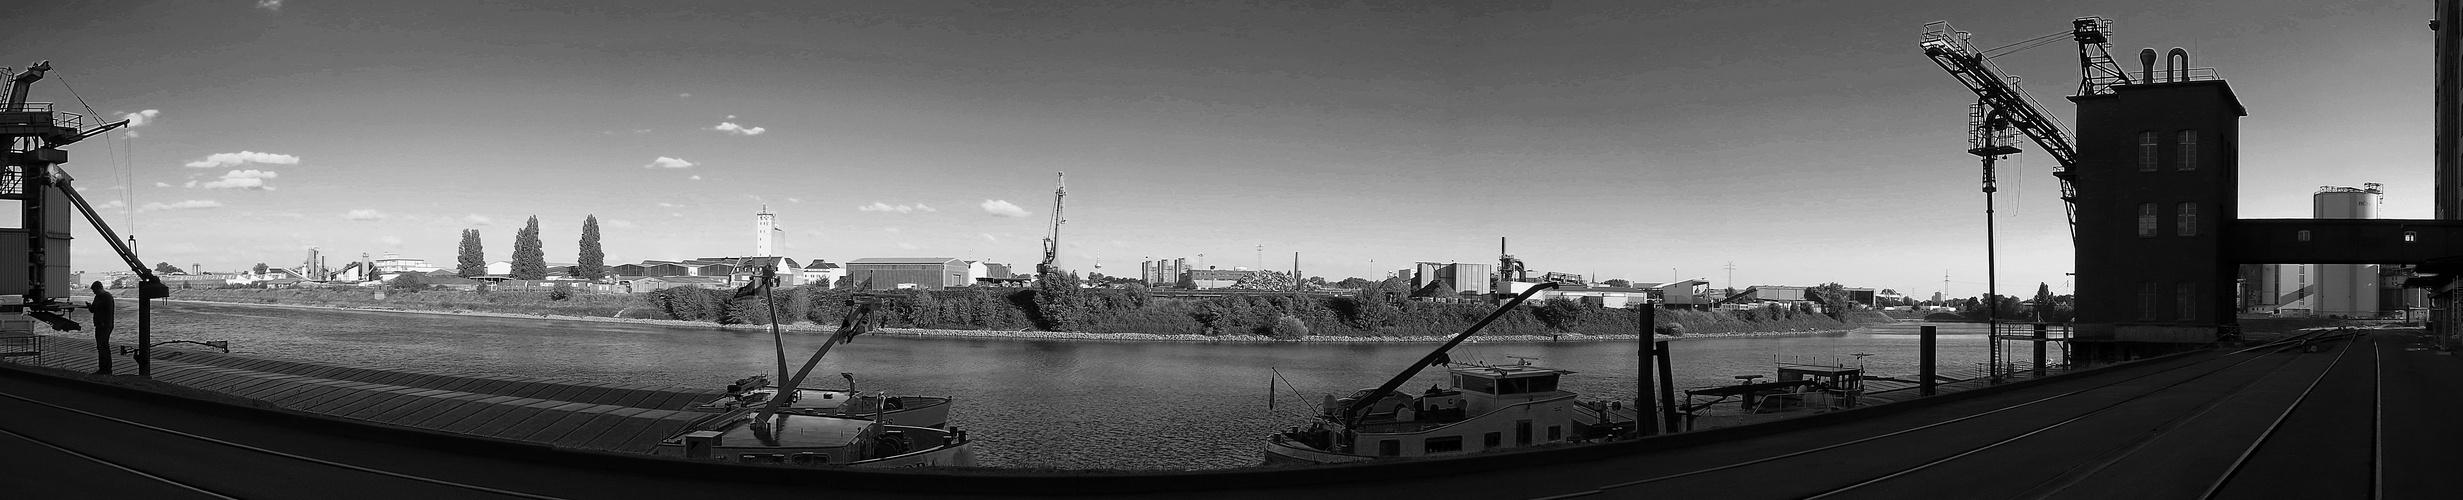 Hafenanlage Friesenheimer Insel